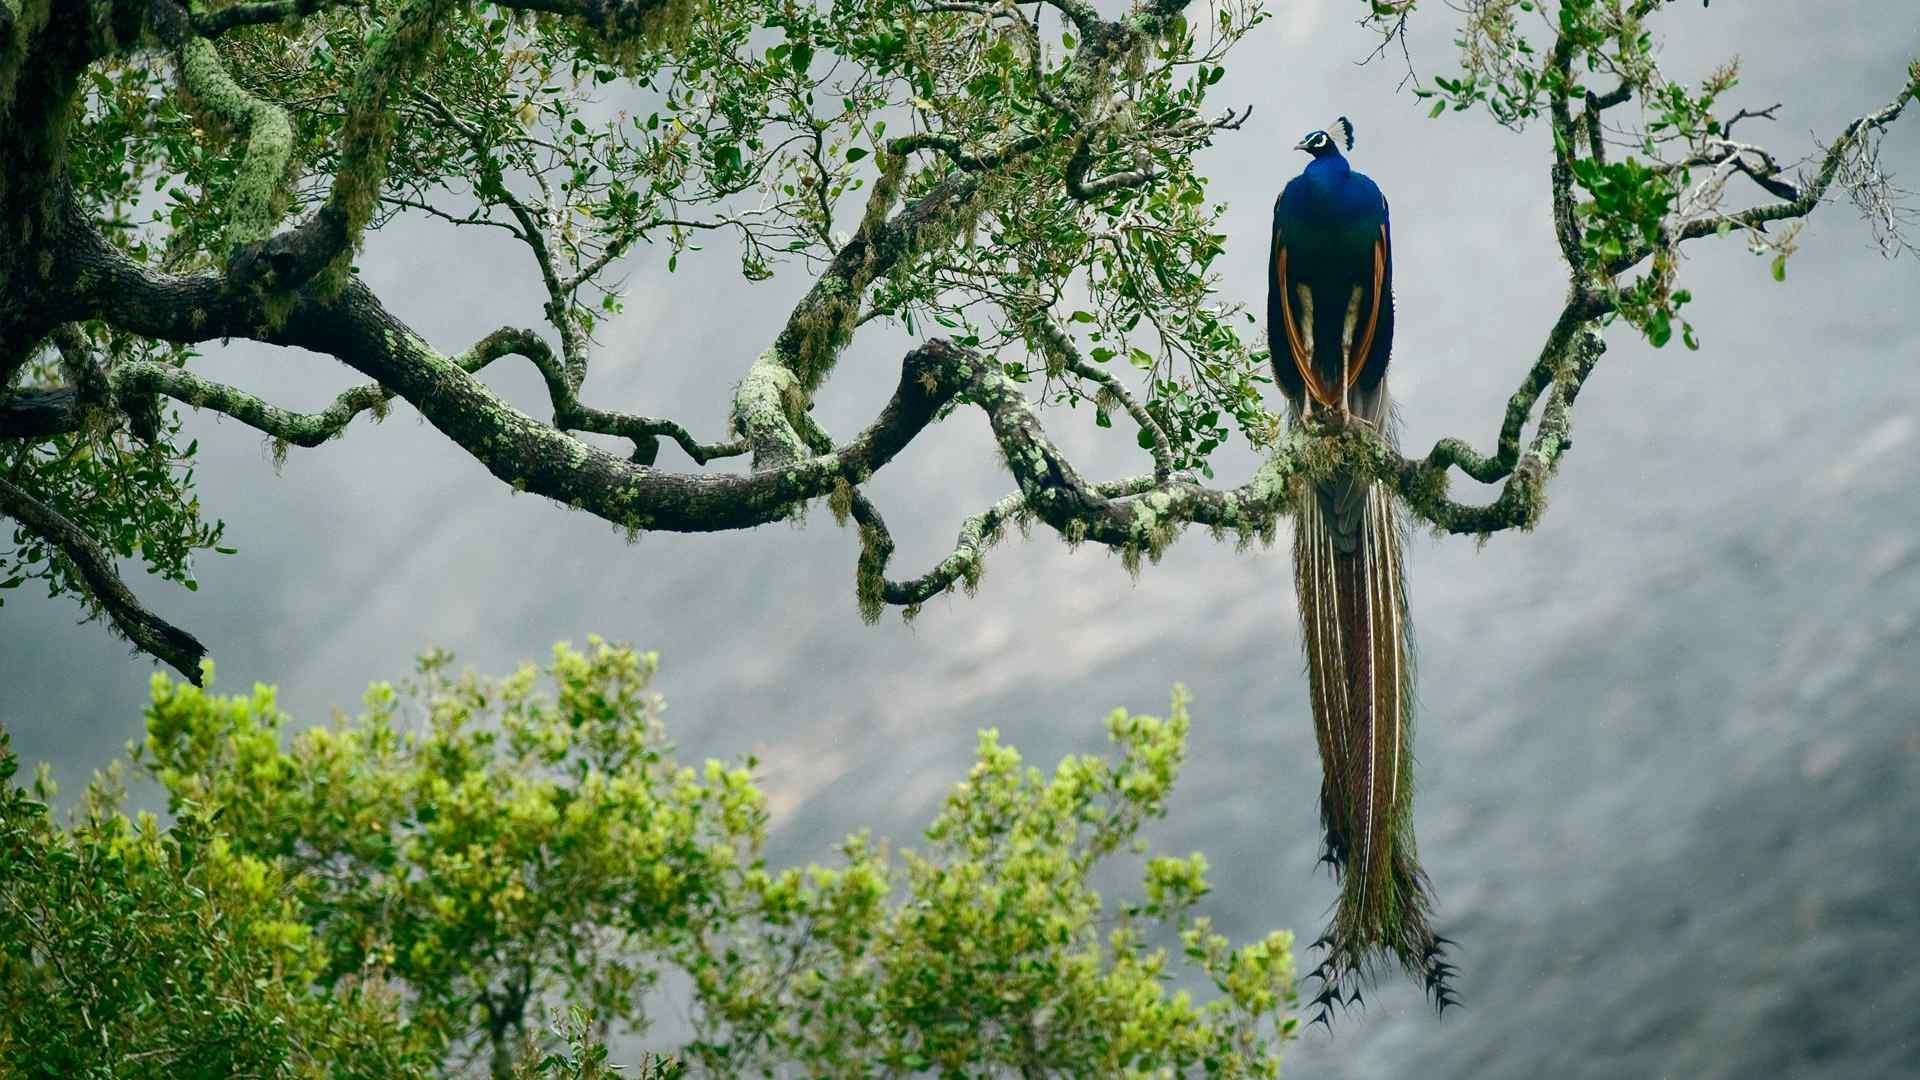 栖息树枝的孔雀高清电脑壁纸